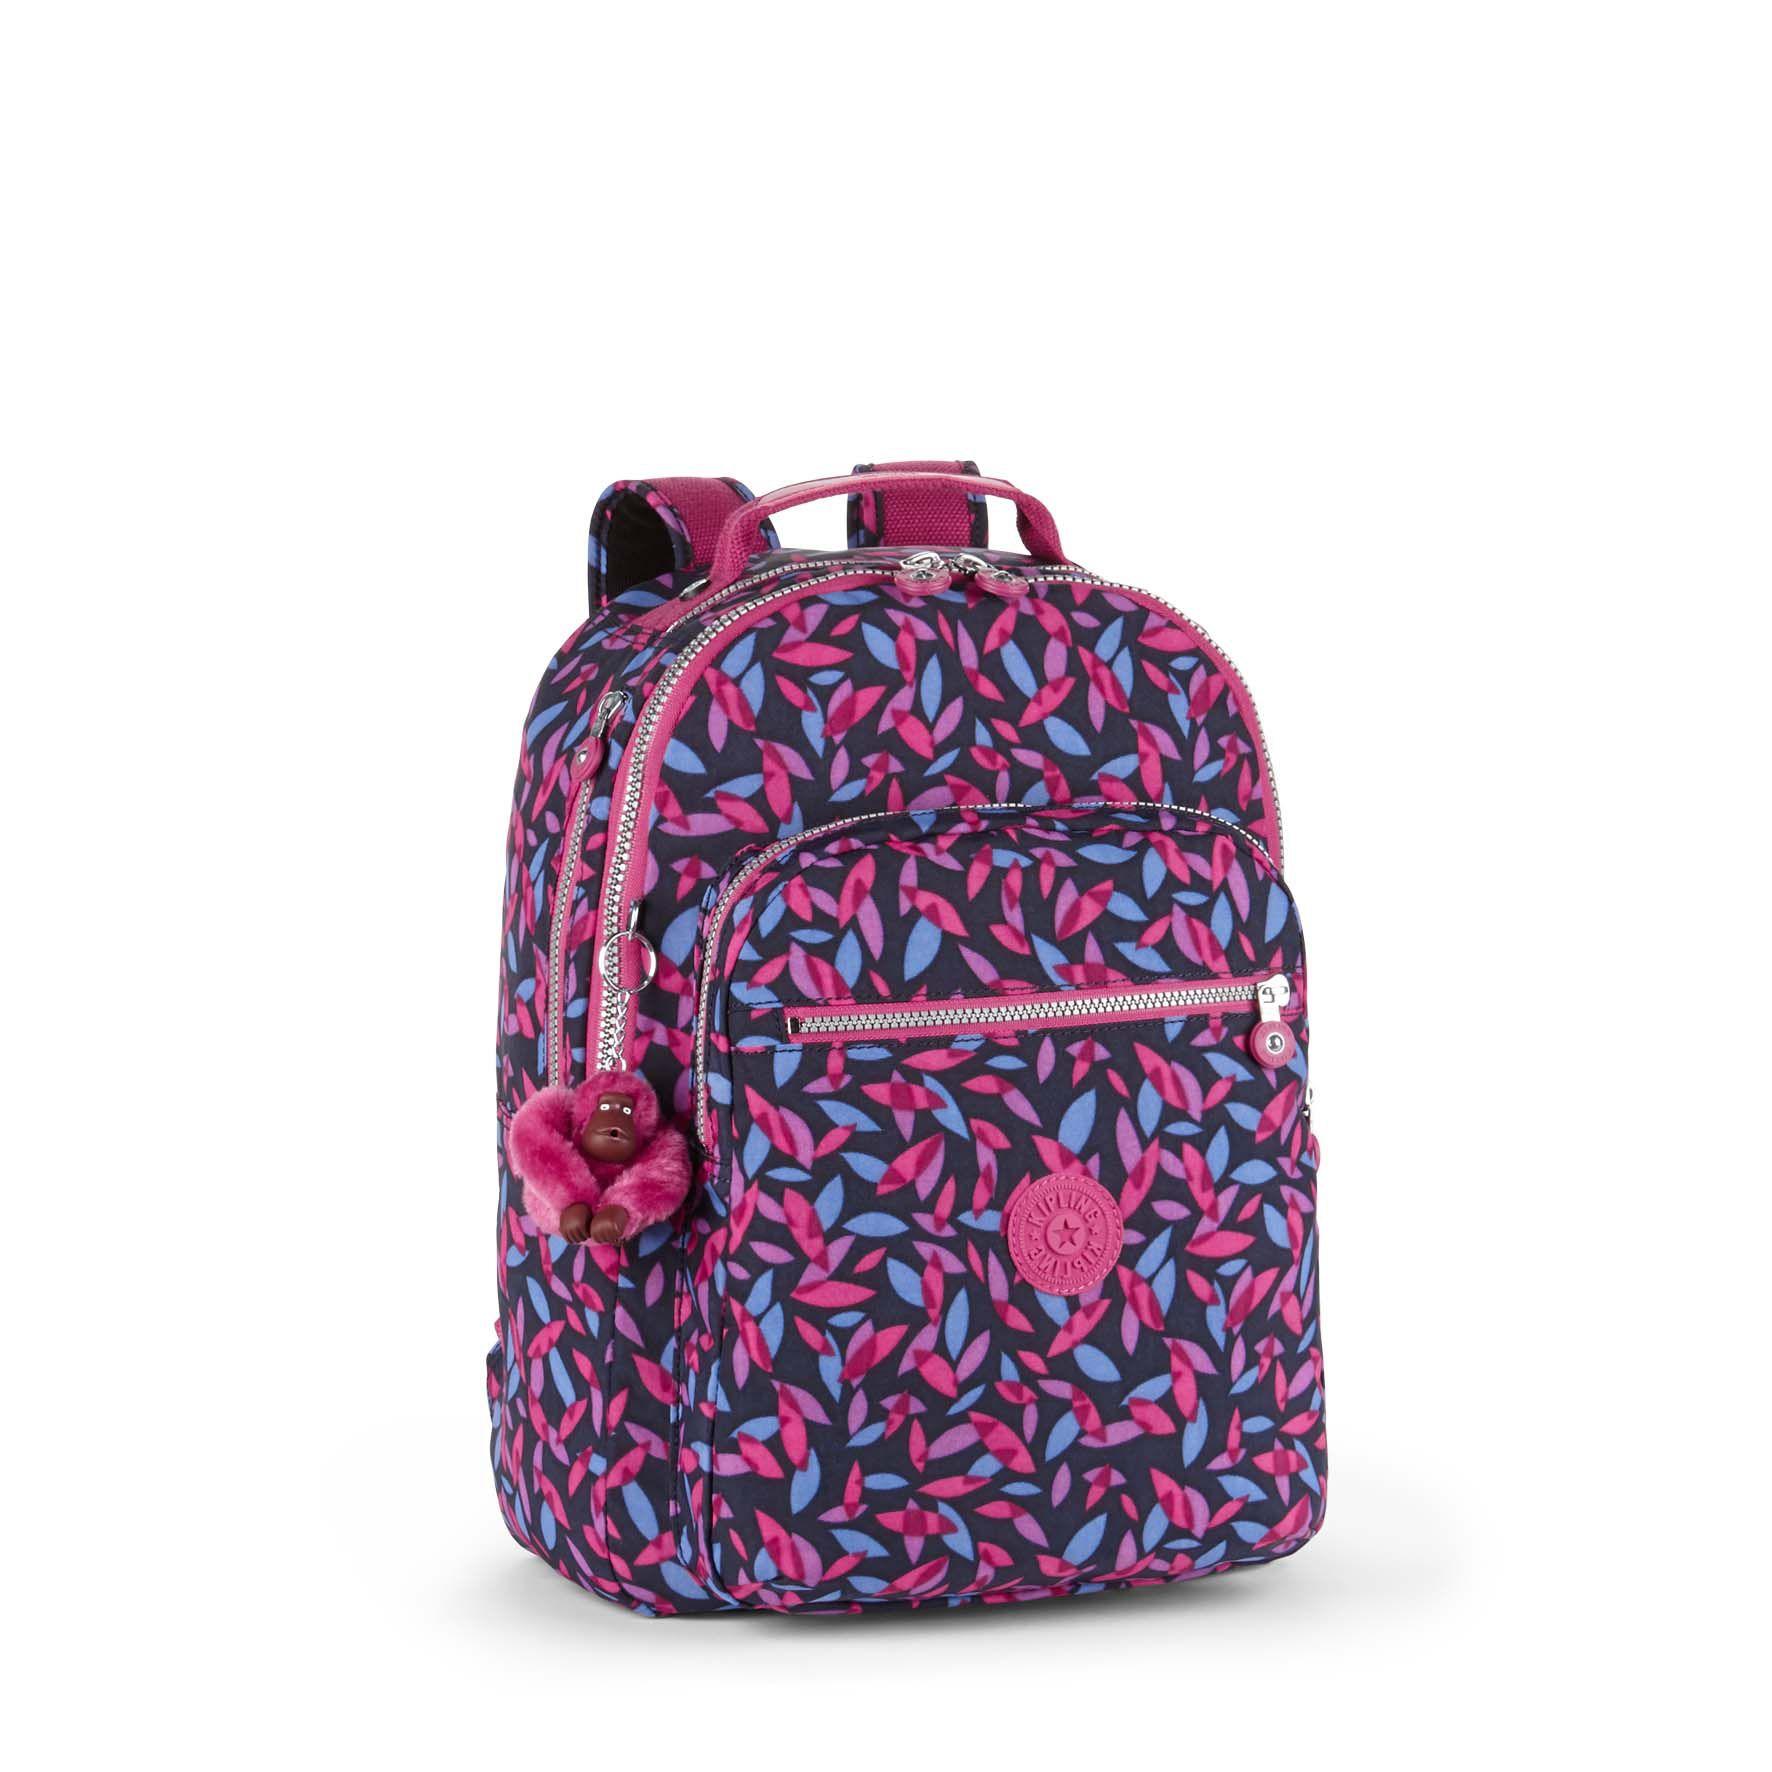 4047430bc Kipling Online Store | México | Kipling | Backpacks, Kipling bags, Bags